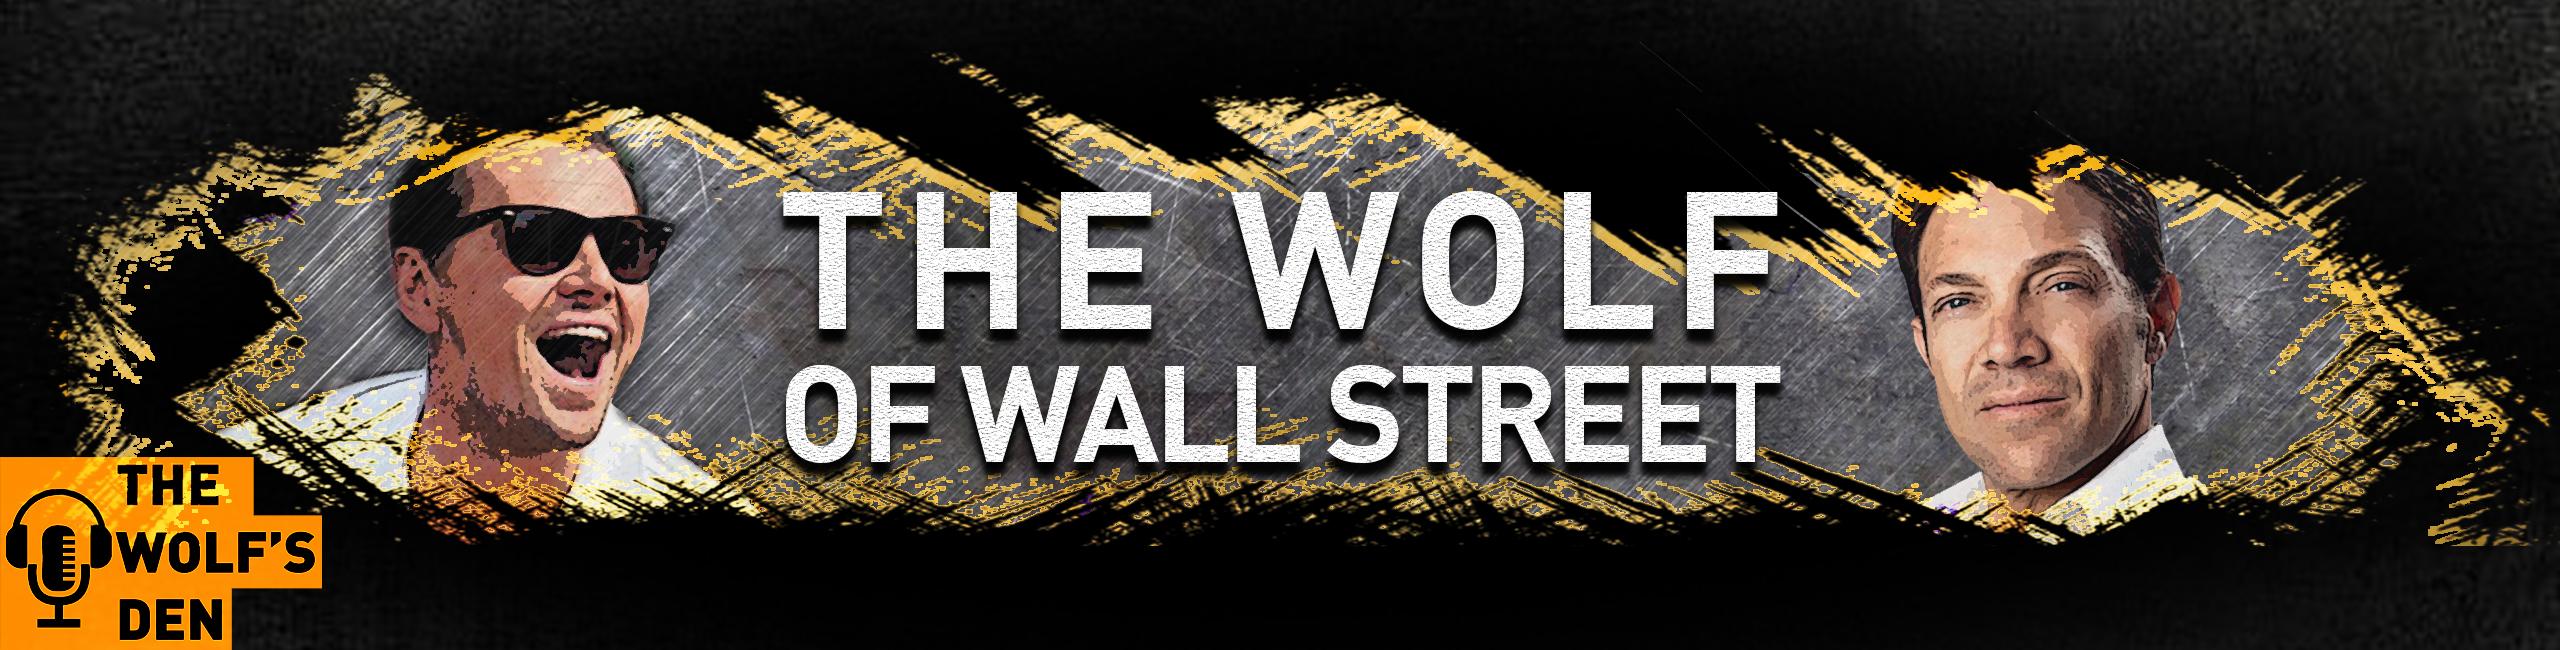 New Wolf YT Banner(4)_crop